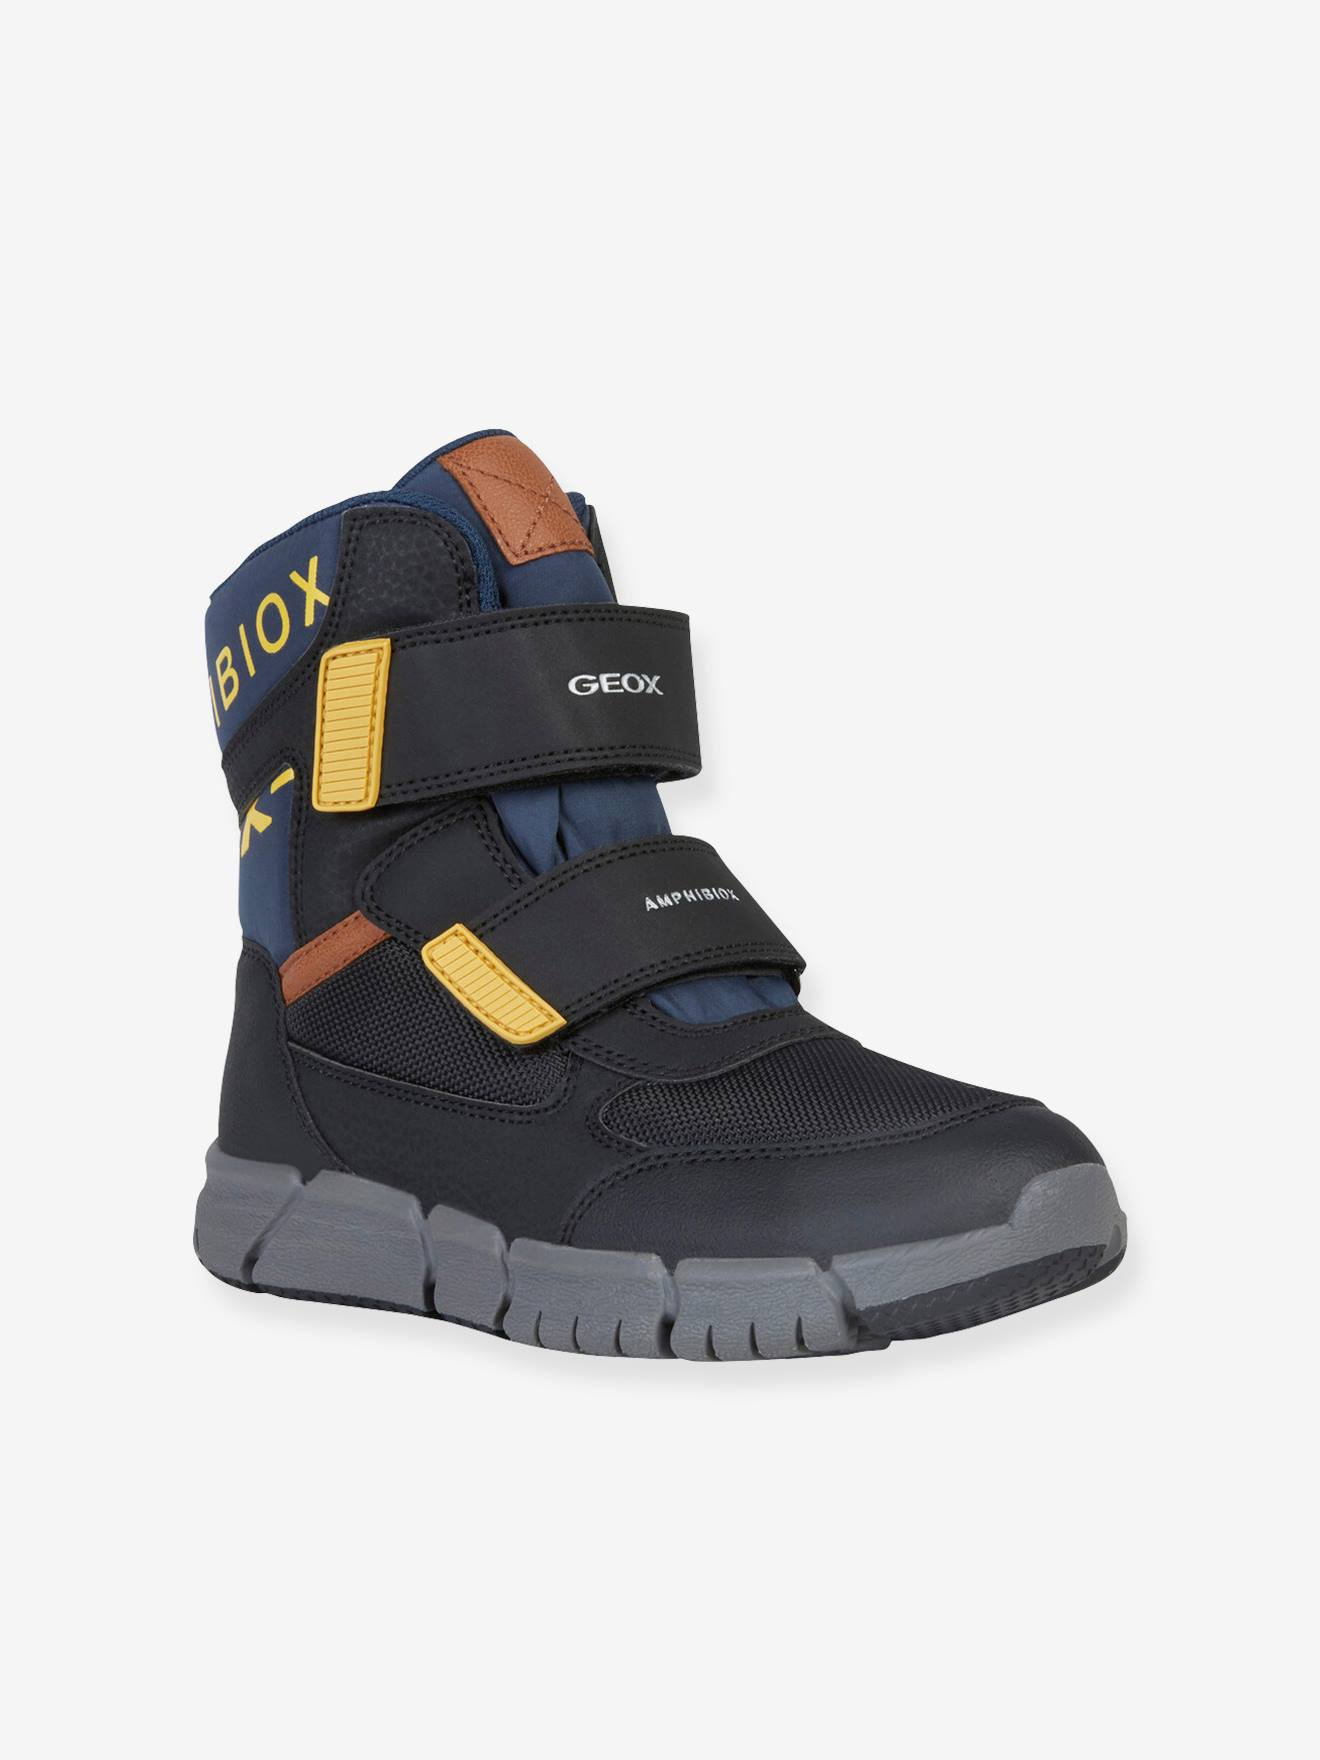 chaussure garcon black friday geox